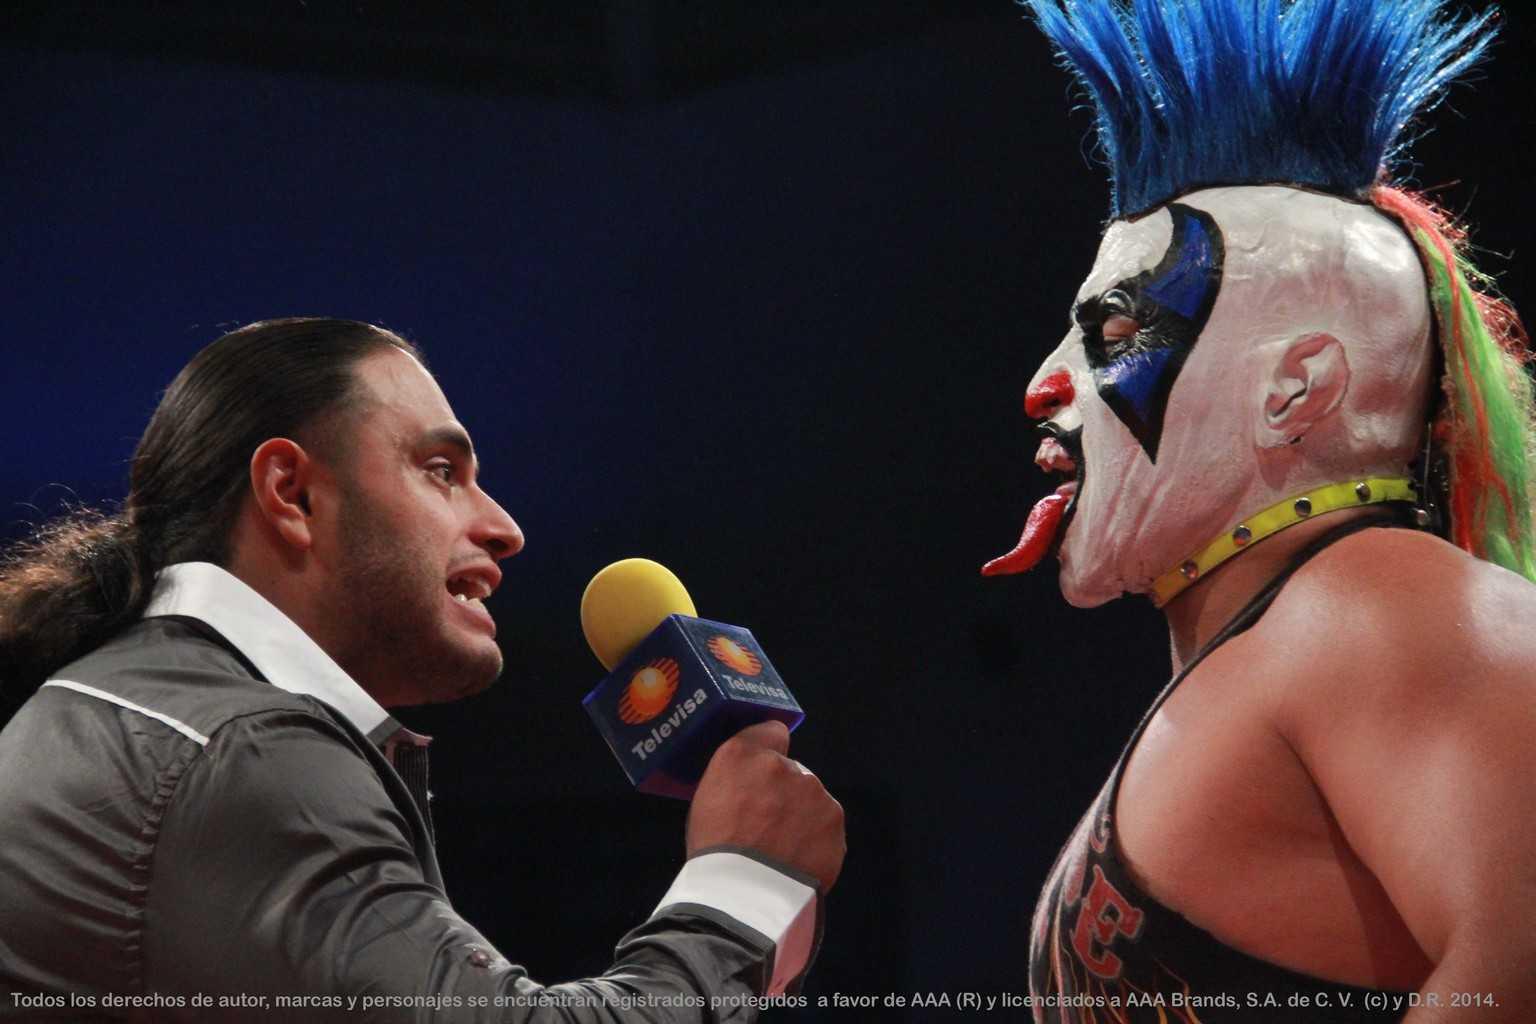 AAA: Resultados evento en Puebla - 20/06/2014 - Confirmada la lucha de apuestas Texano Jr. vs. Psycho Clown 1